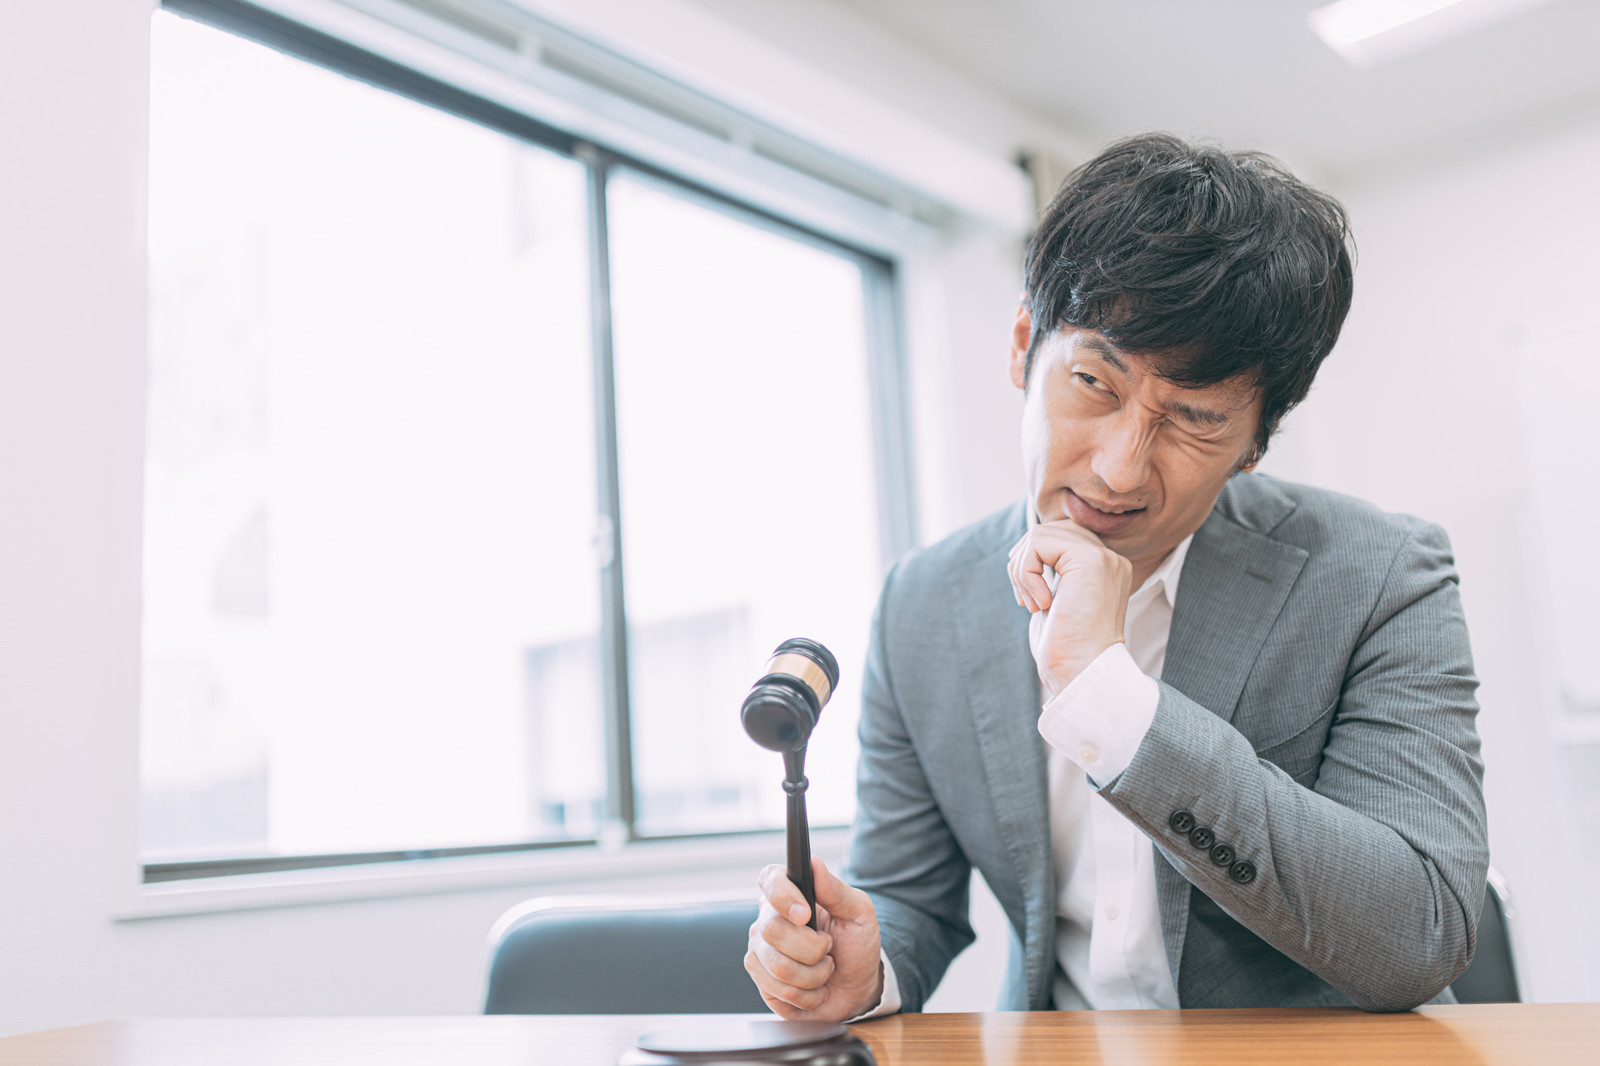 「直前まで入札に慎重な男性」の写真[モデル:大川竜弥]